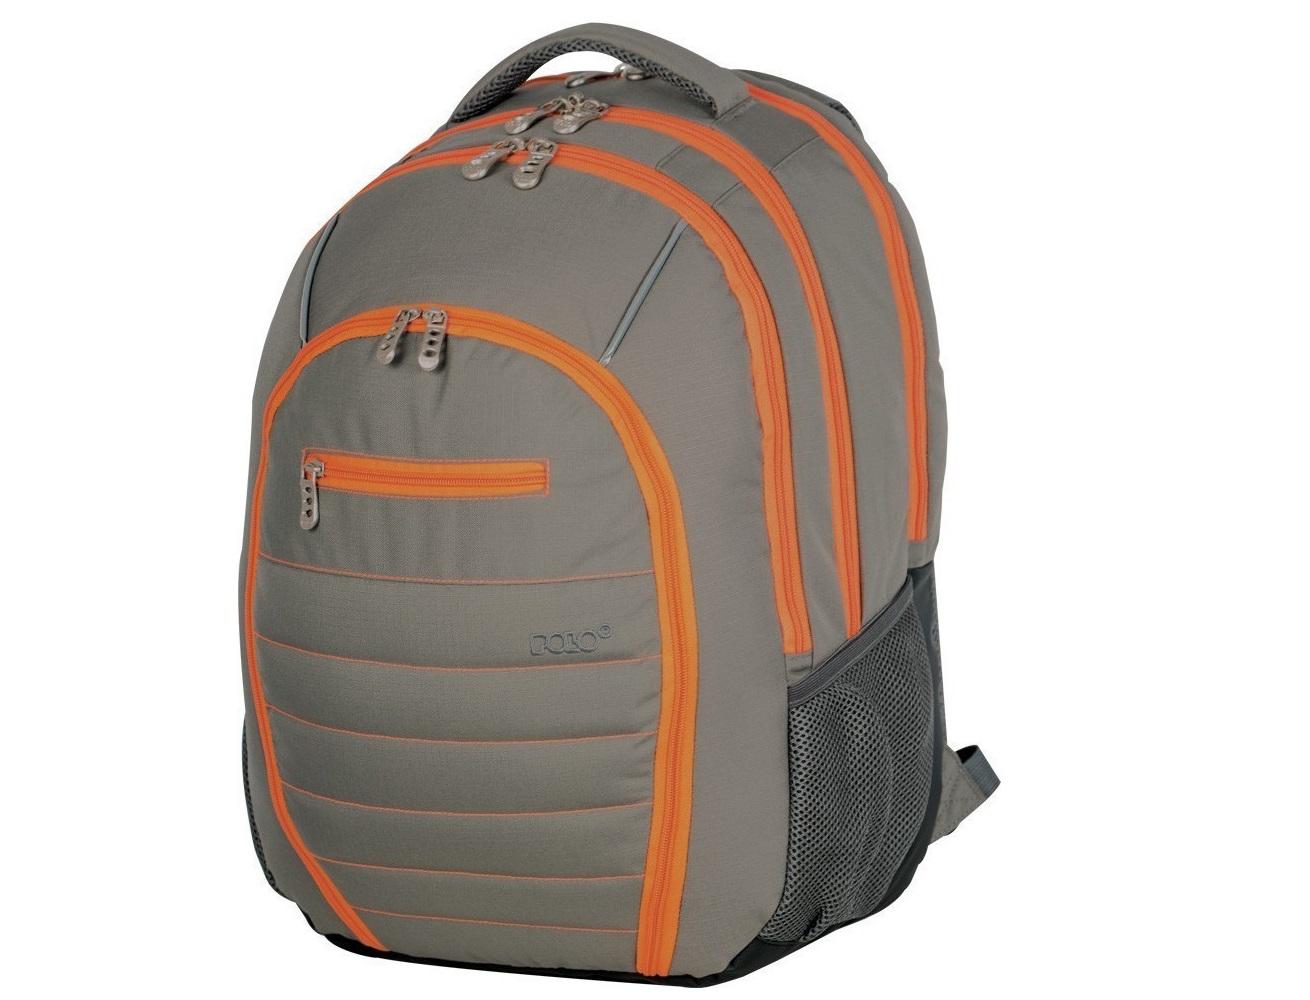 44a6dda06a Σχολική Τσάντα Polo TROLLEY AXION 9-01-017-14 - Lexicon Shop